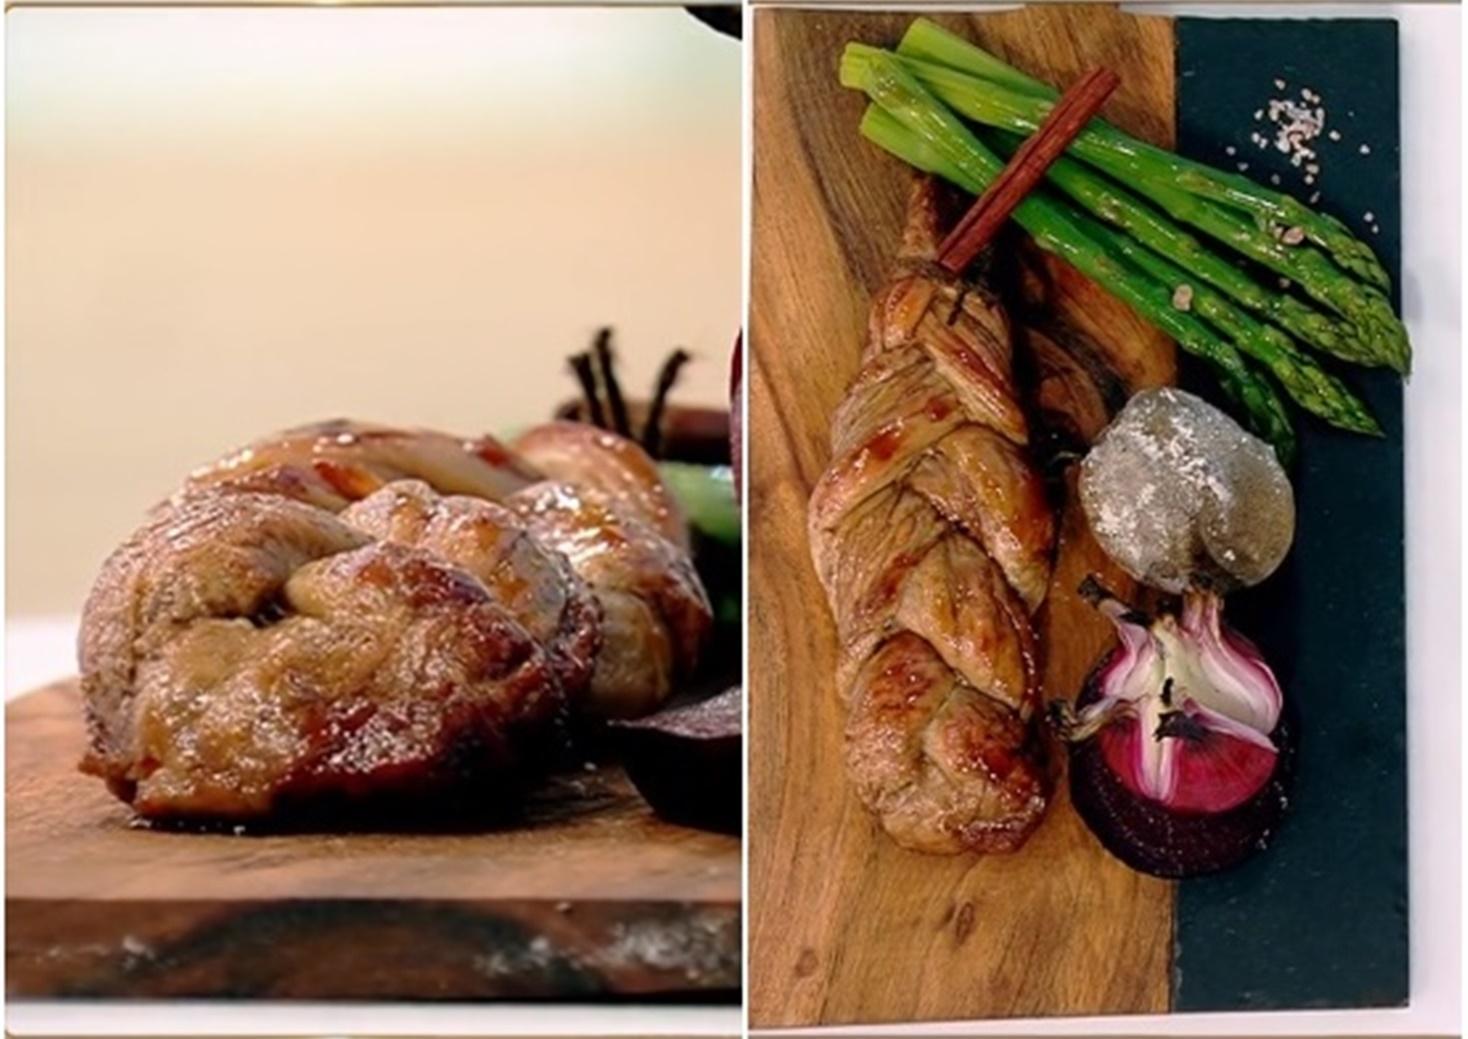 Mușchiuleț de porc împletit, servit cu legume coapte și reducție din trei tipuri de vin